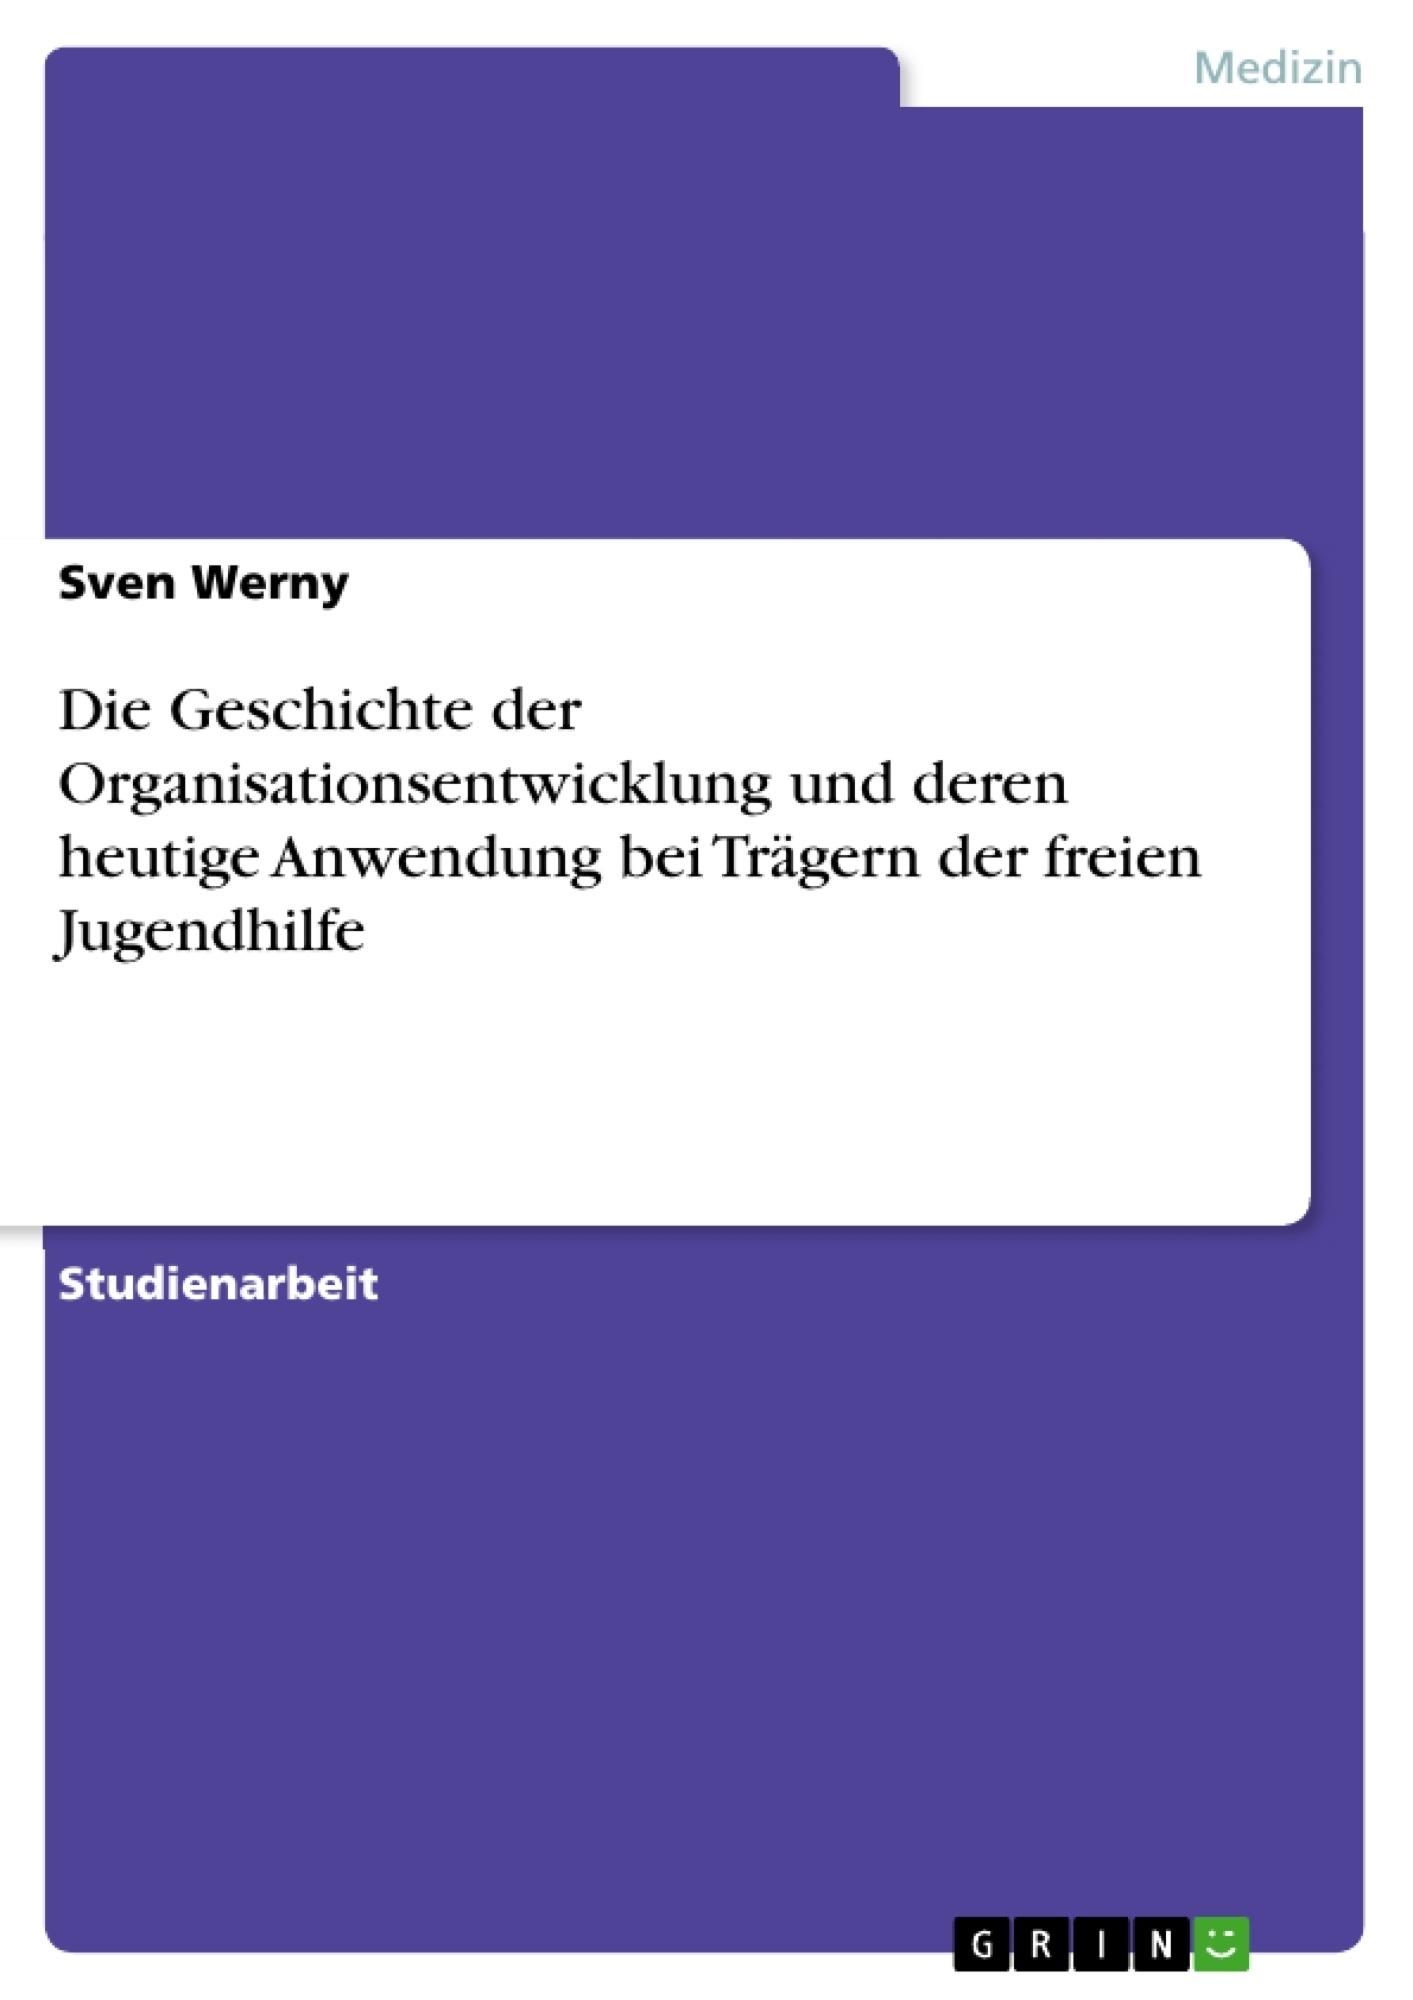 Titel: Die Geschichte der Organisationsentwicklung und deren heutige Anwendung bei Trägern der freien Jugendhilfe